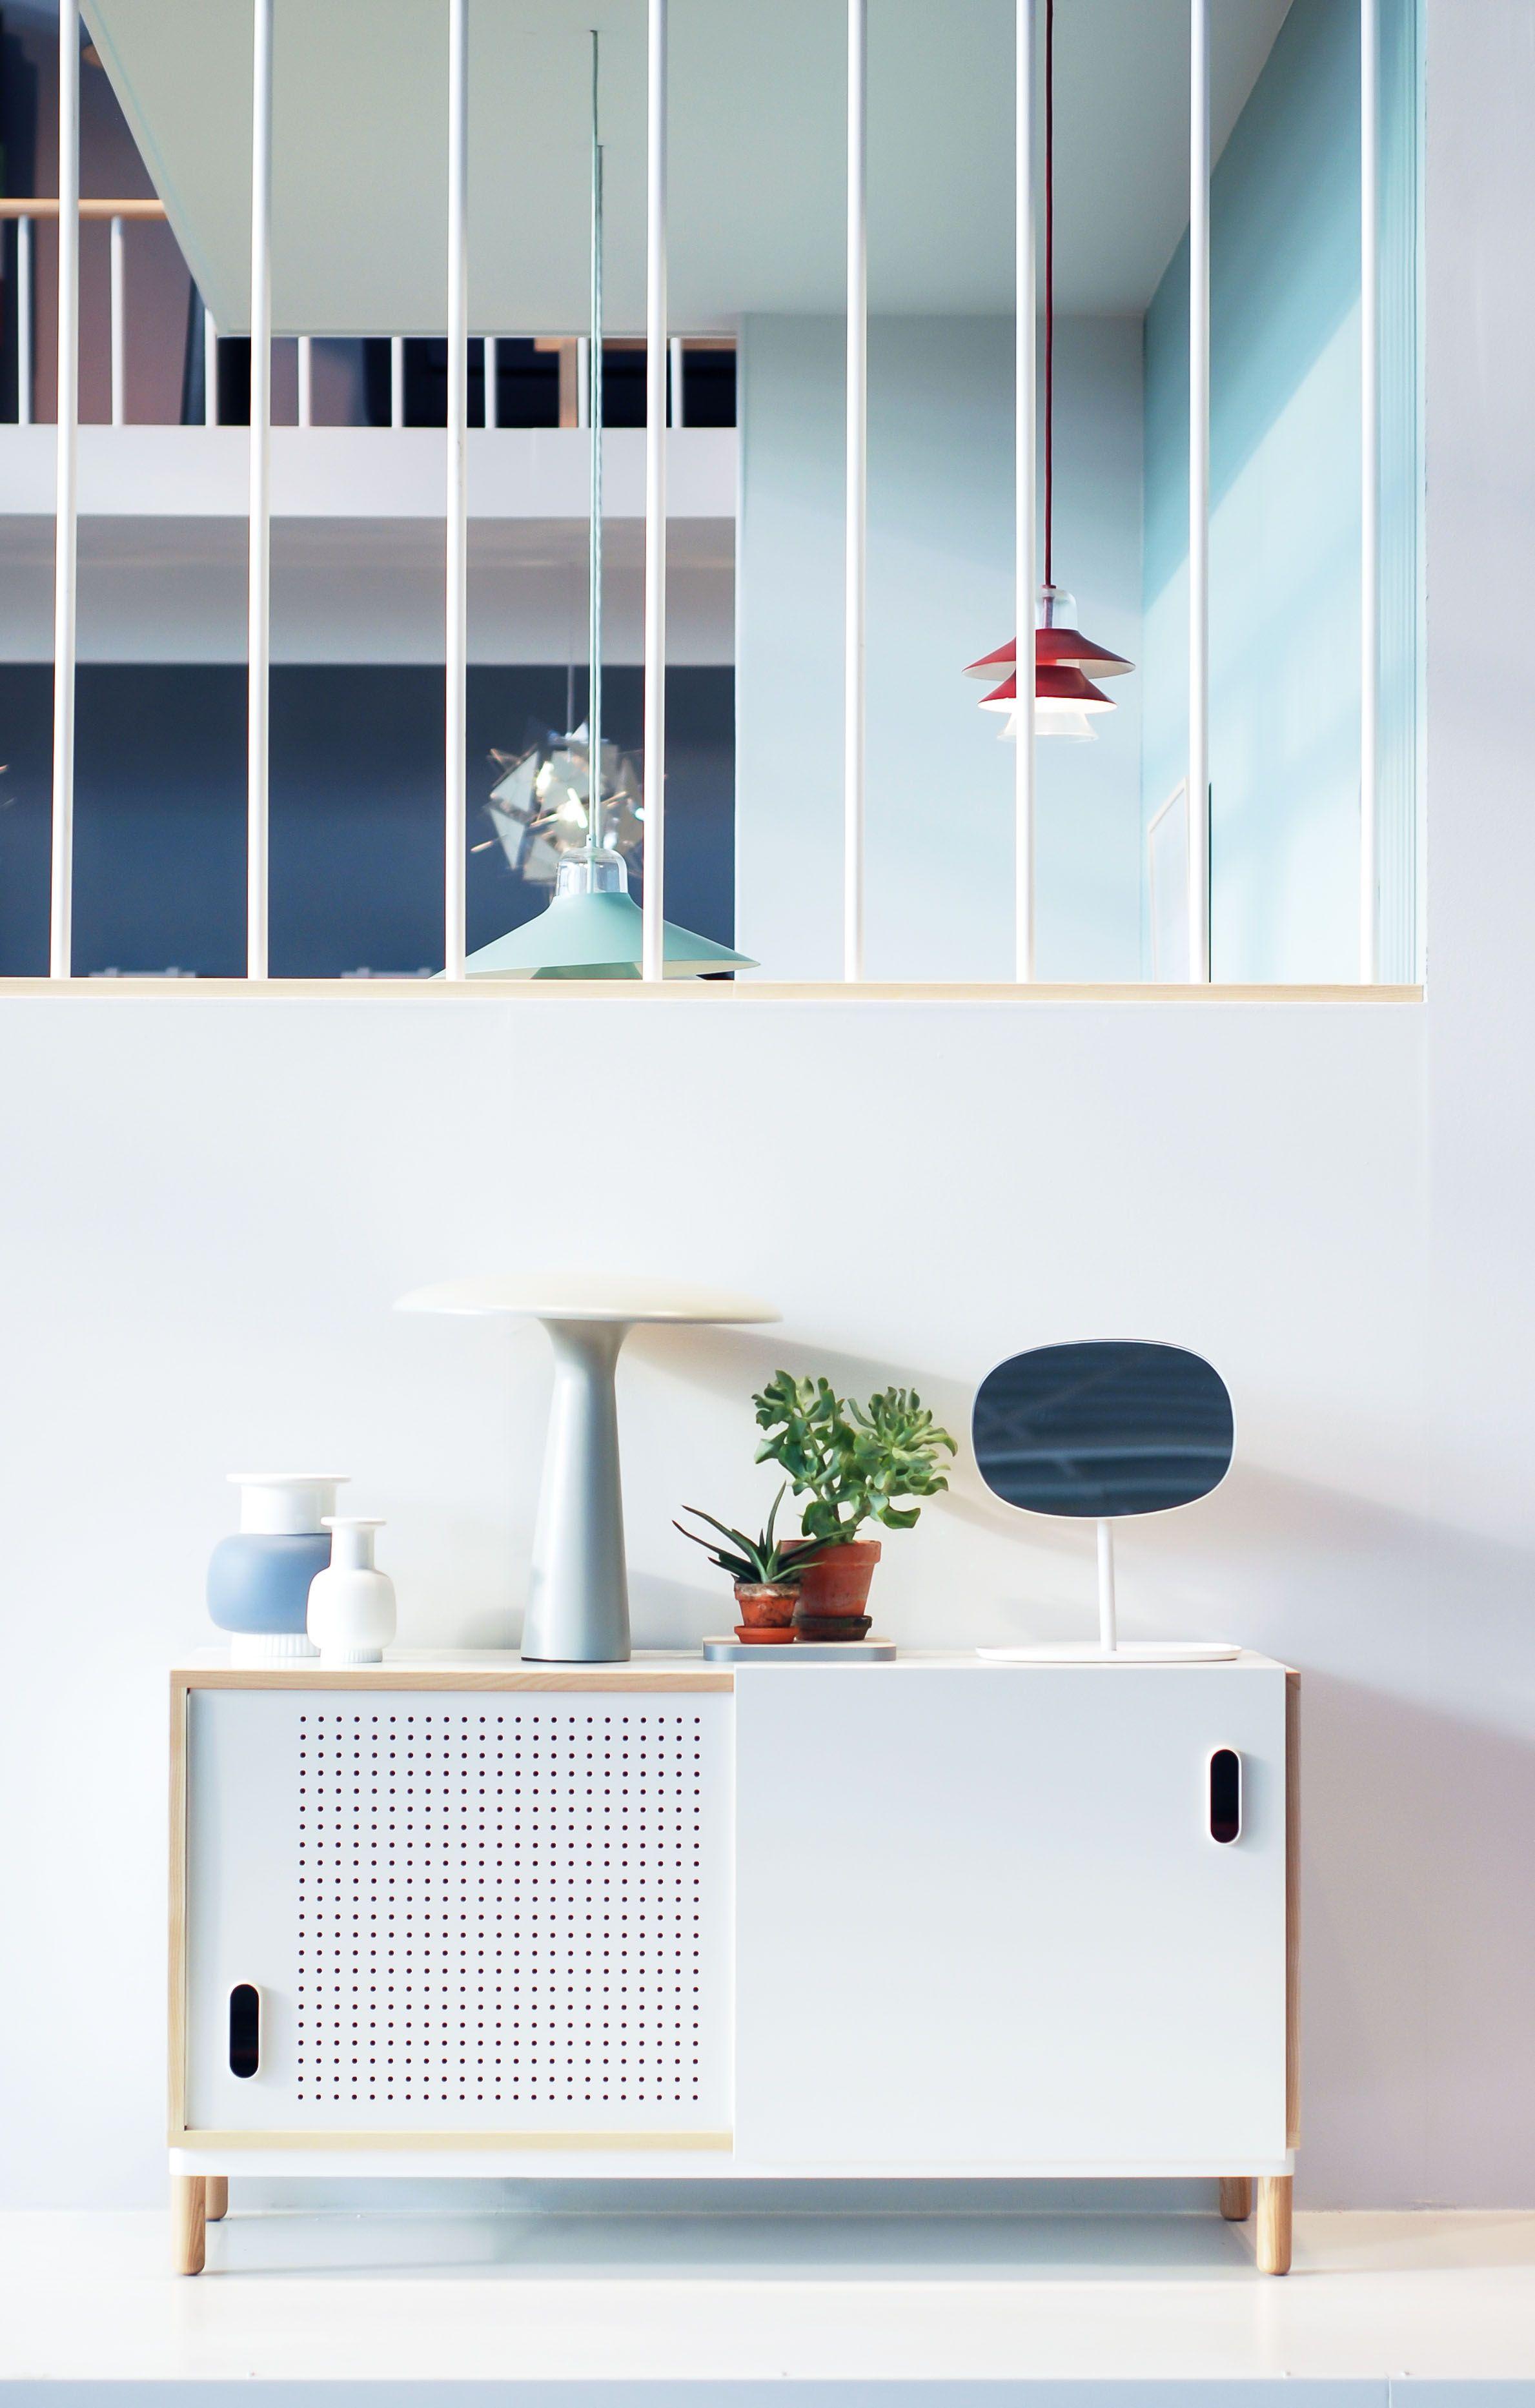 Maison et objet fall 2013 kabino sideboard flip mirror nyhavn vases shelter lamp